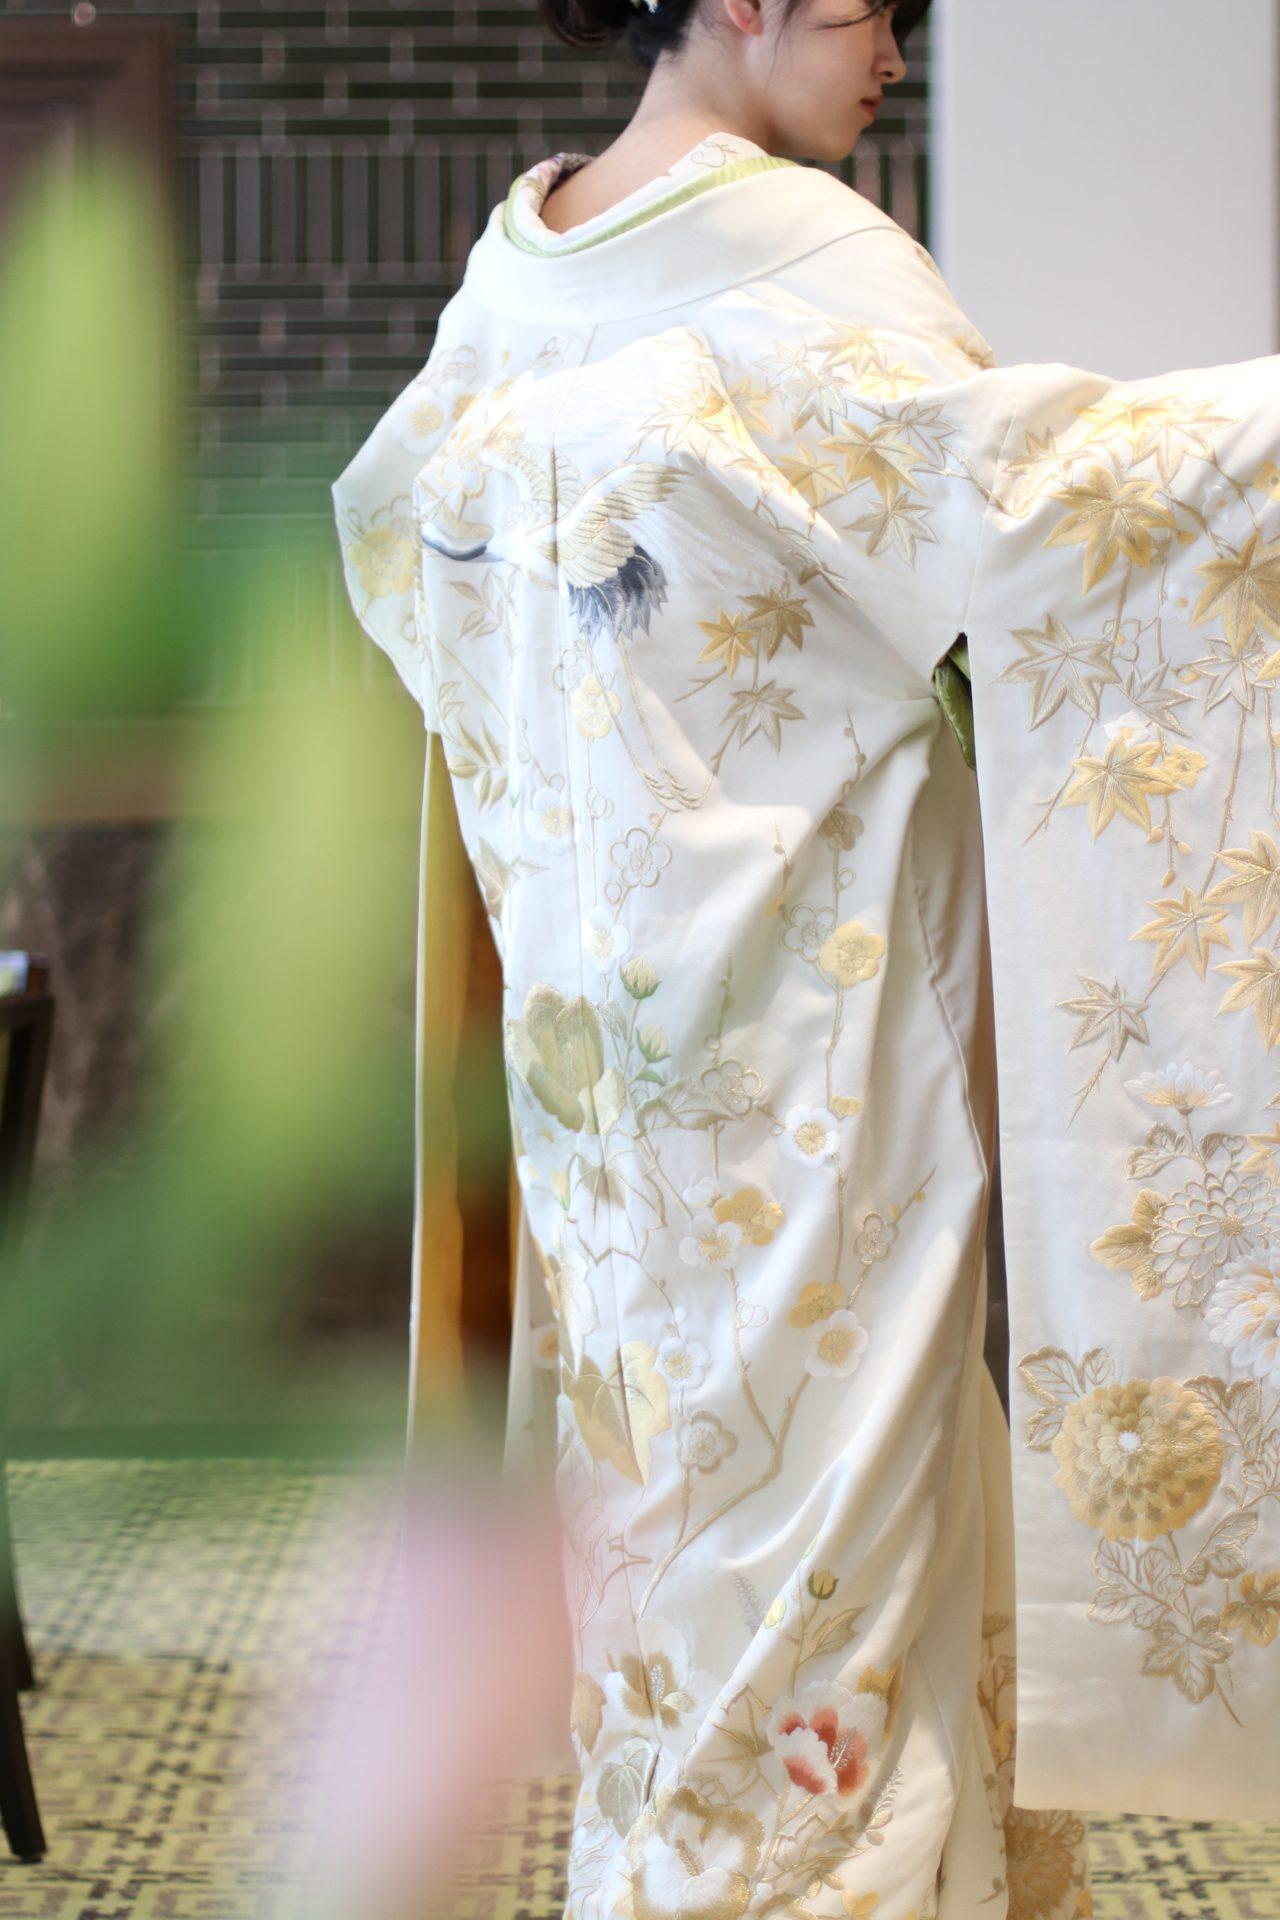 ザトリートドレッシング名古屋店の白地に金糸の新作の色打掛